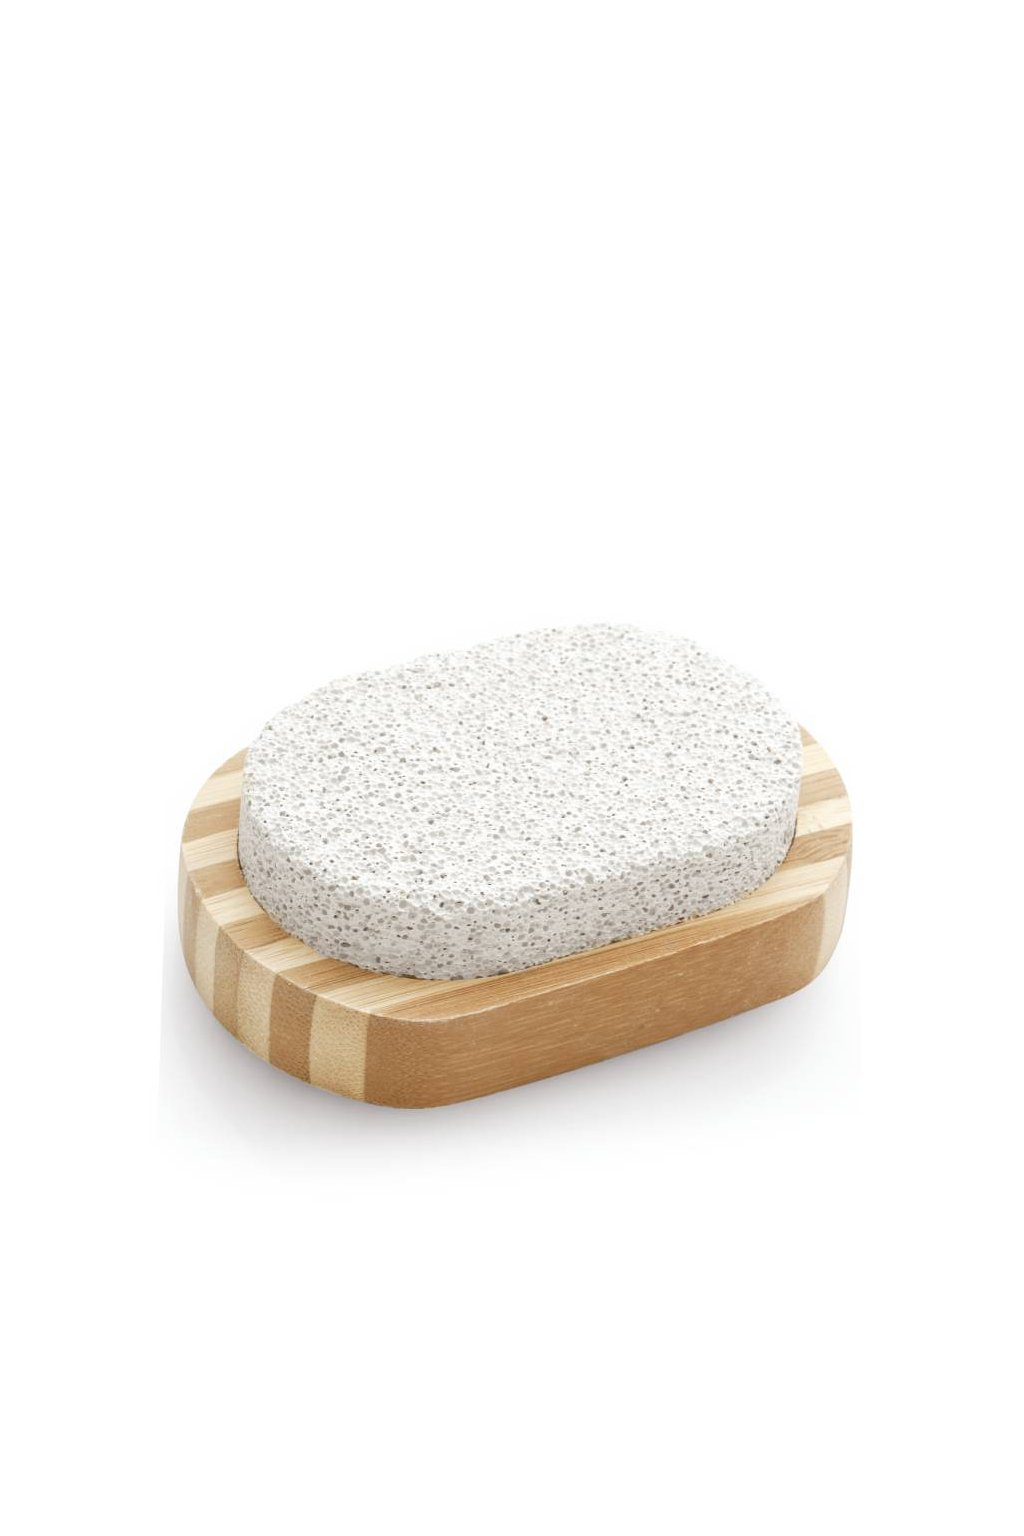 7931 spa beauty ovalny prirodni pemzovy kamen ve dreve pokozku na nohou zanechava hladkou a hebkou